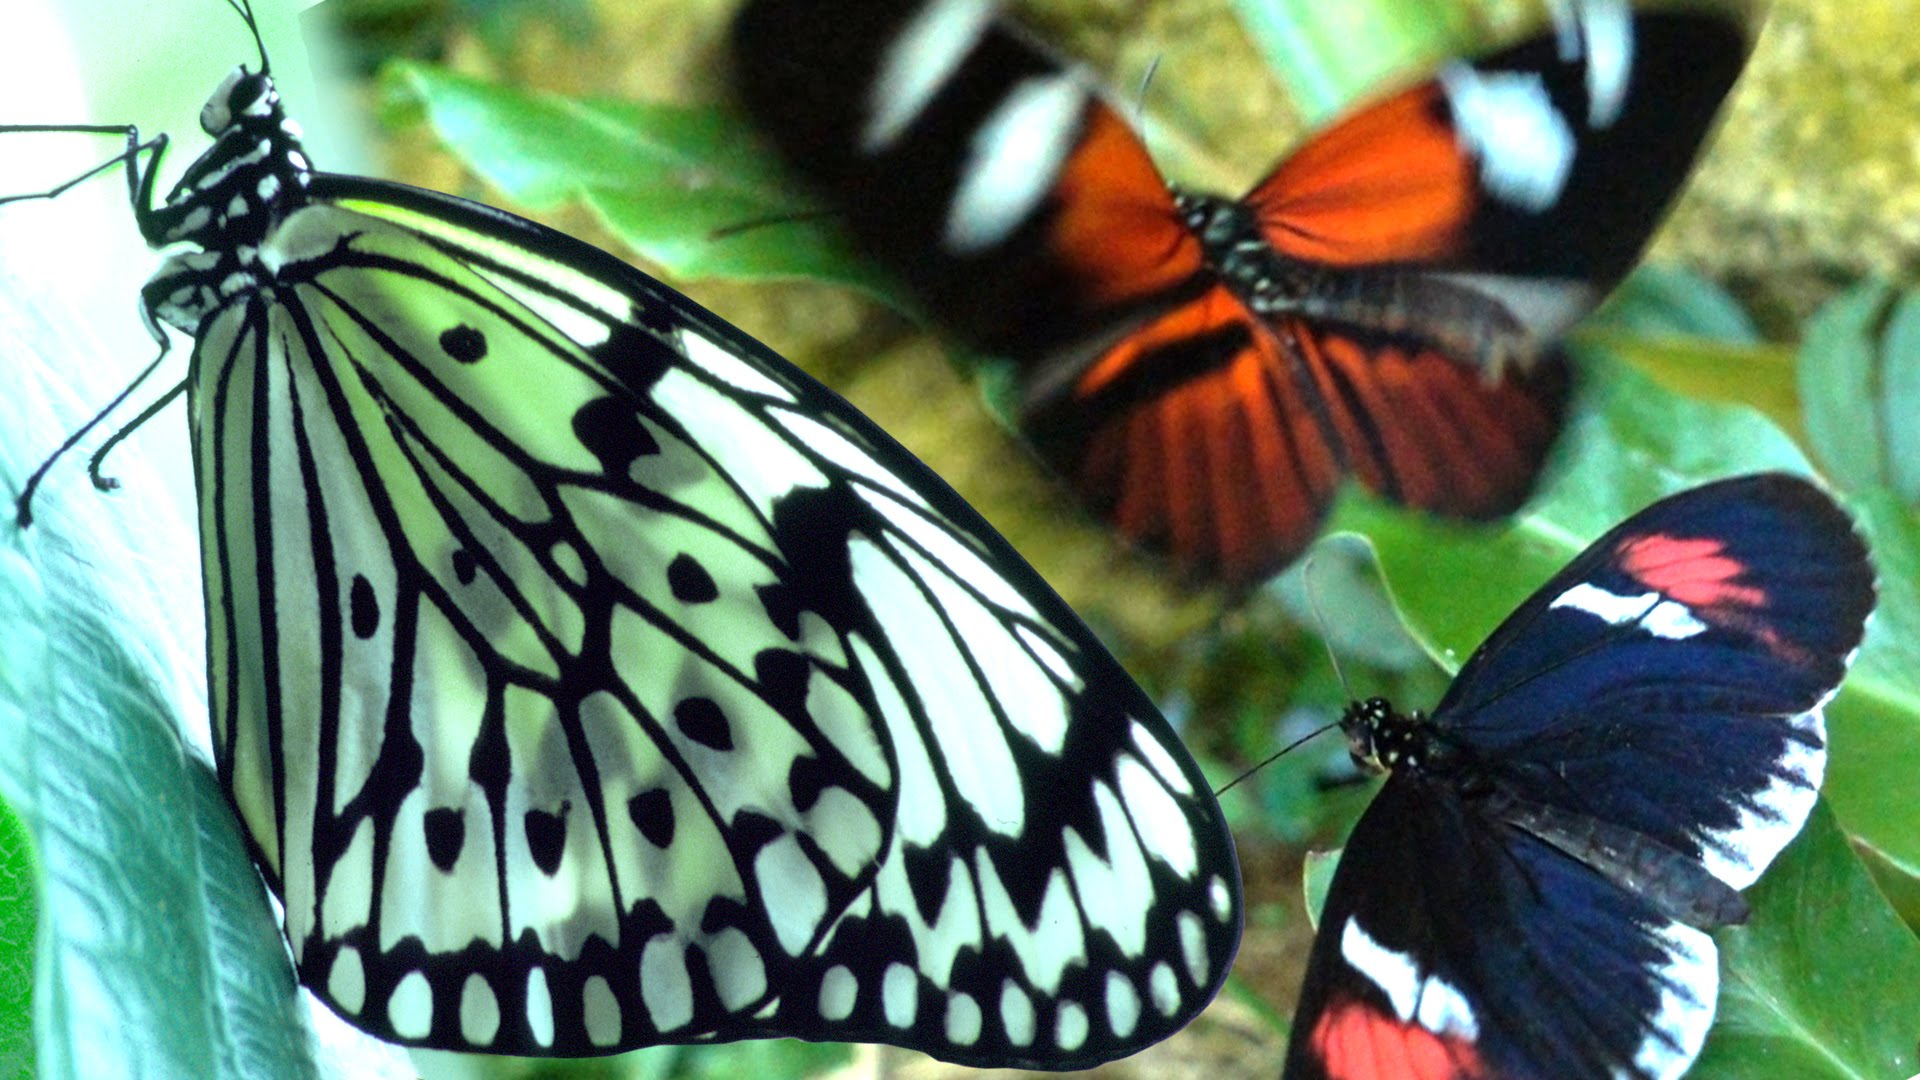 Butterflies Flying in Slow Motion HD - Houston Butterfly Museum ...